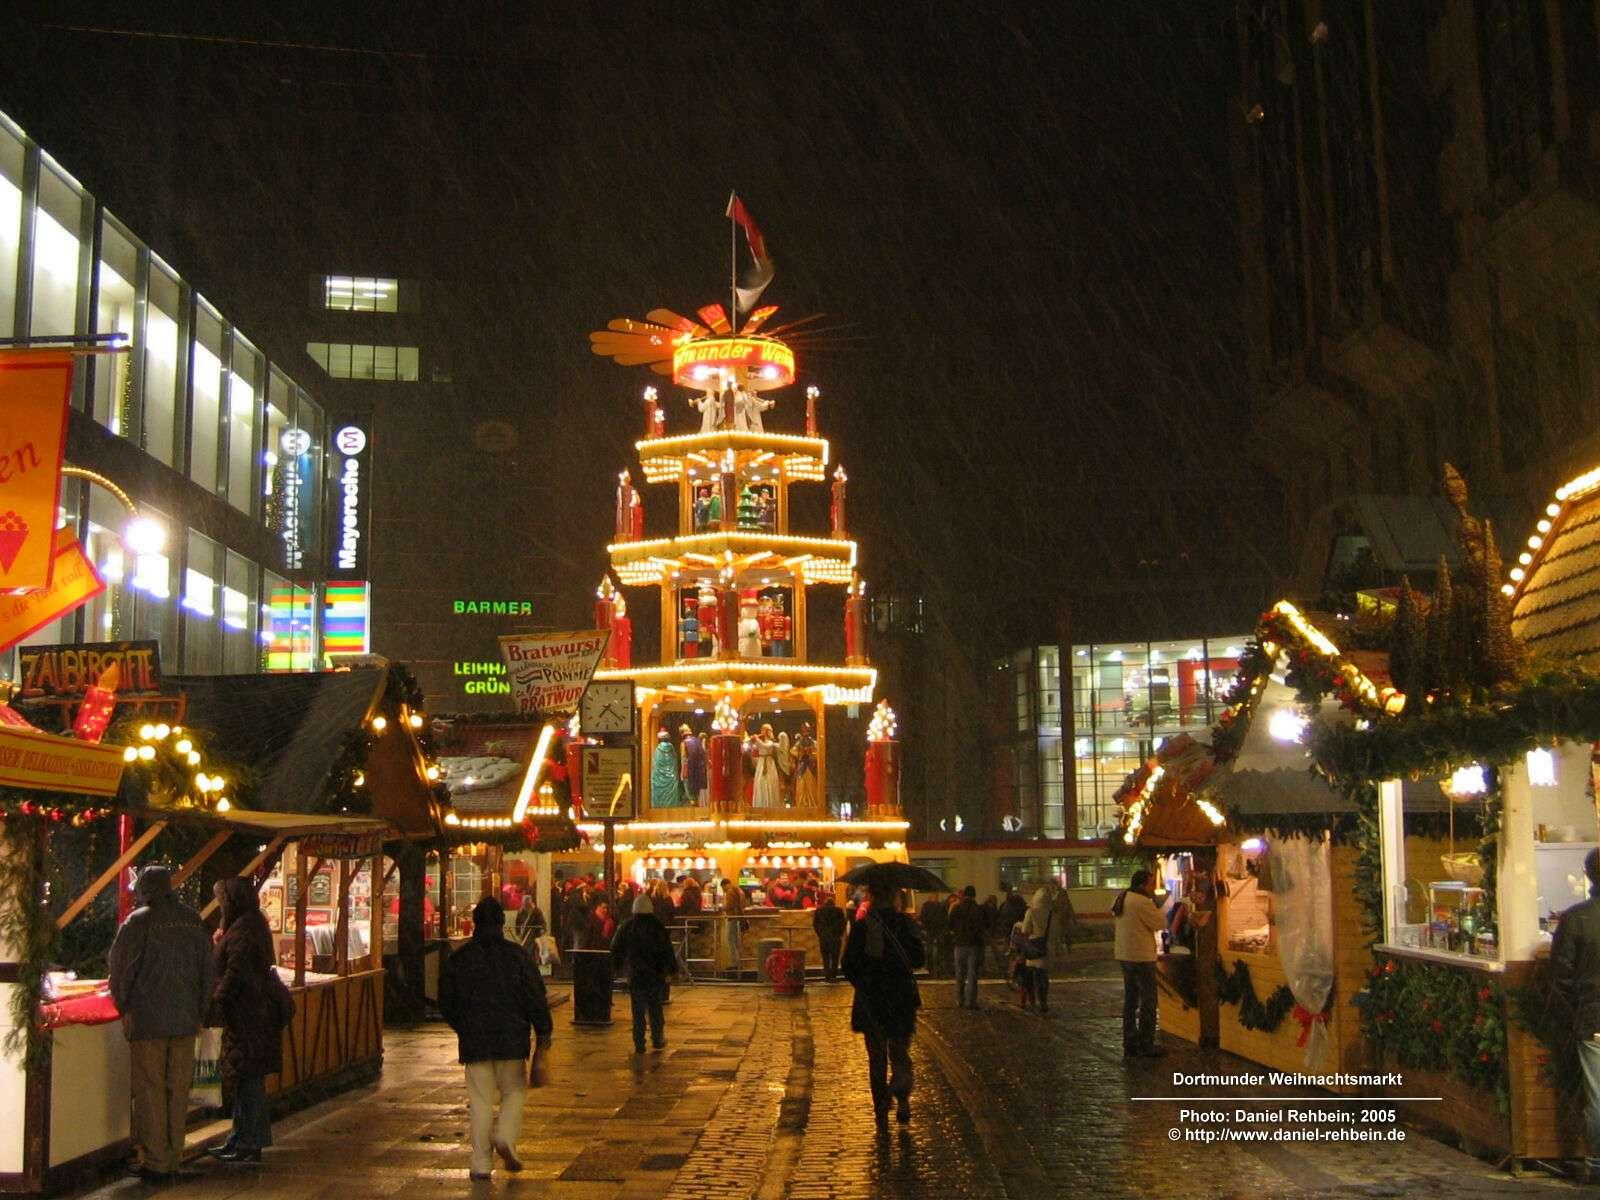 Dortmunder Weihnachtsmarkt Stände.Dortmunder Weihnachtsmarkt Desktop Hintergrundbilder